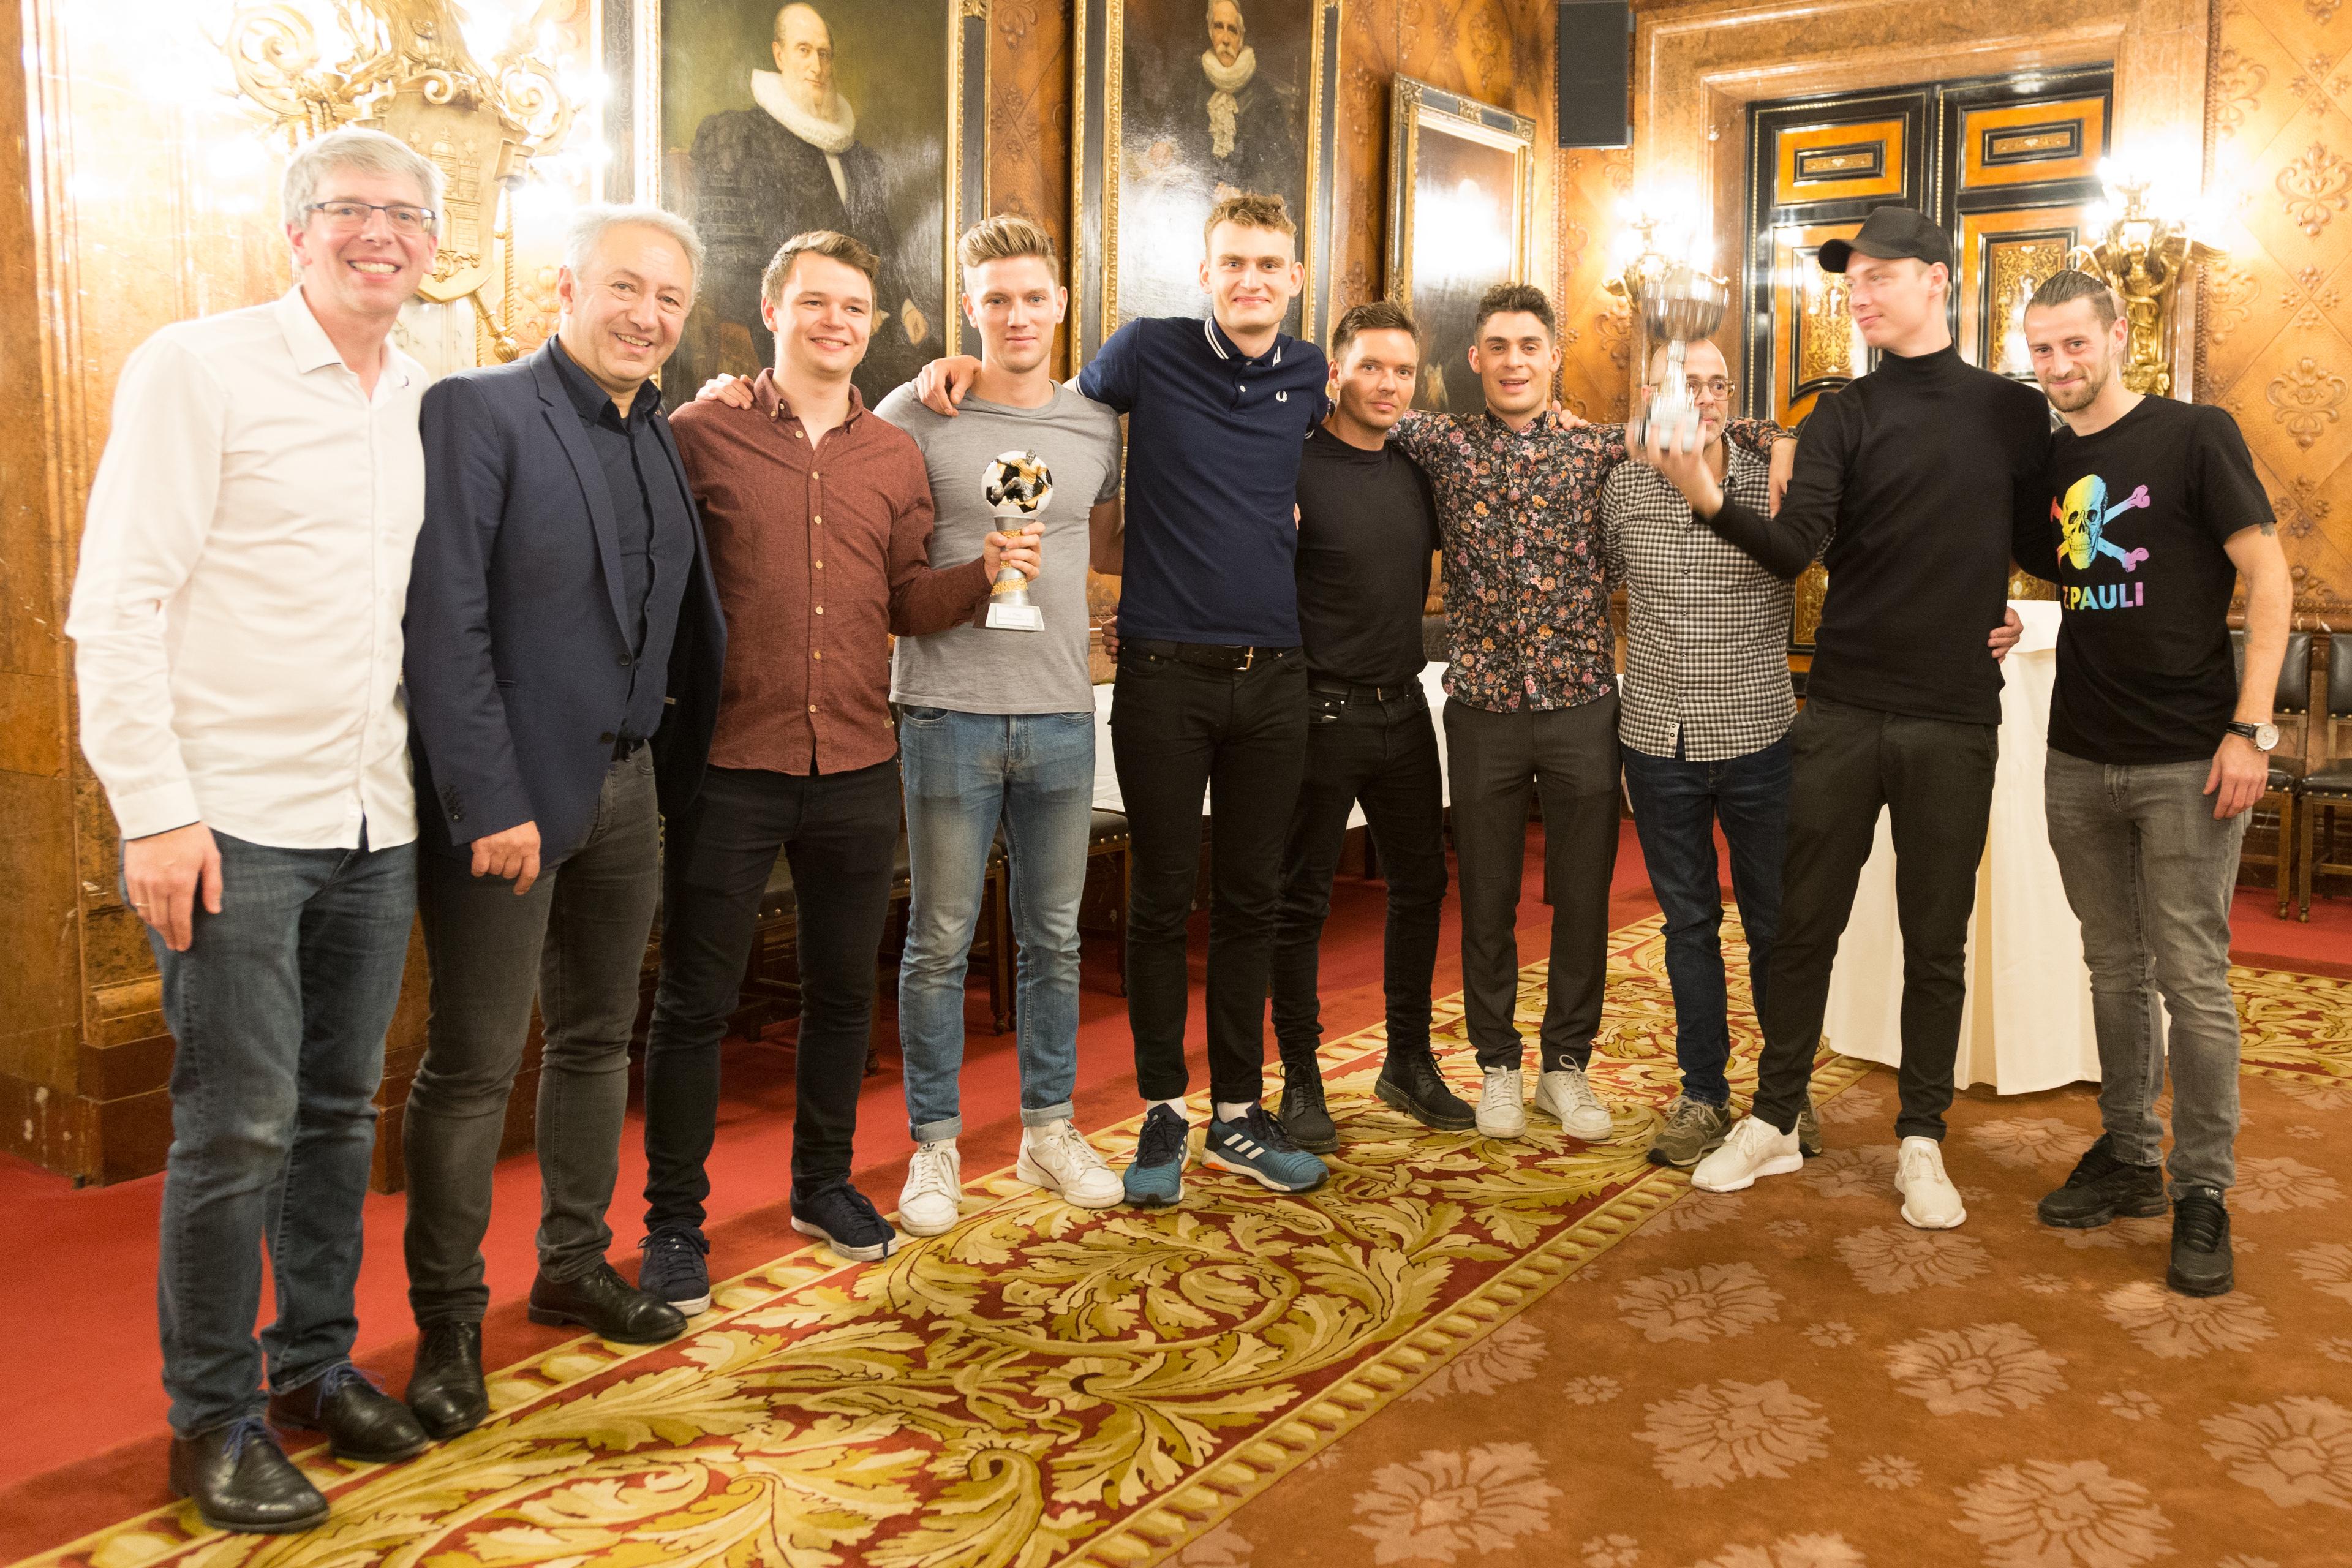 1st place: Pan Fodbold Copenhagen